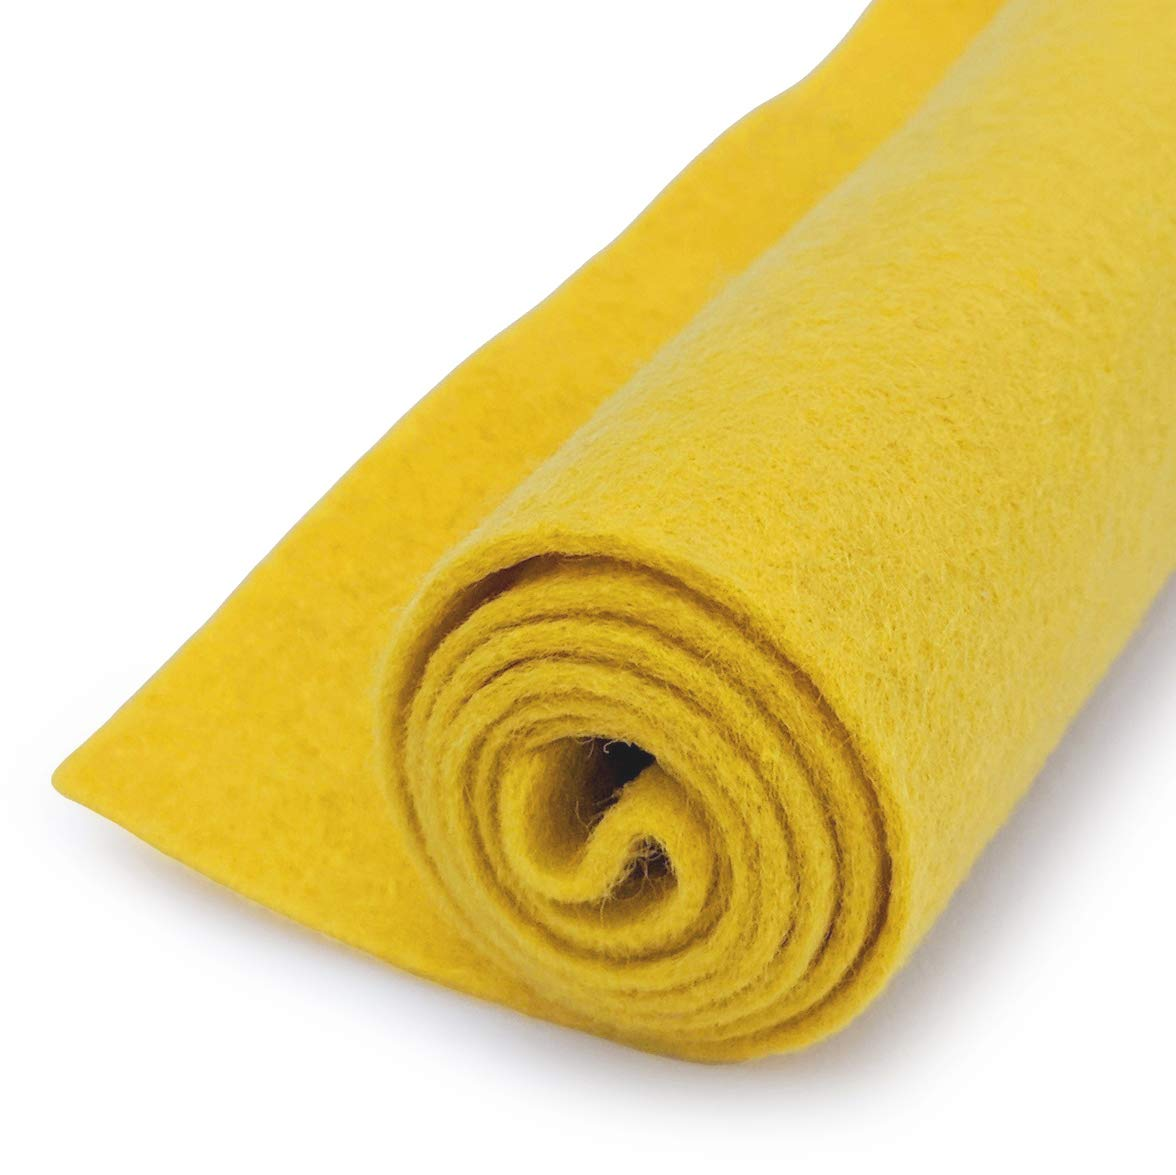 Yellow - Wool Felt Oversized Sheet - 20% Wool Blend - 36 in x 36 in Sheet